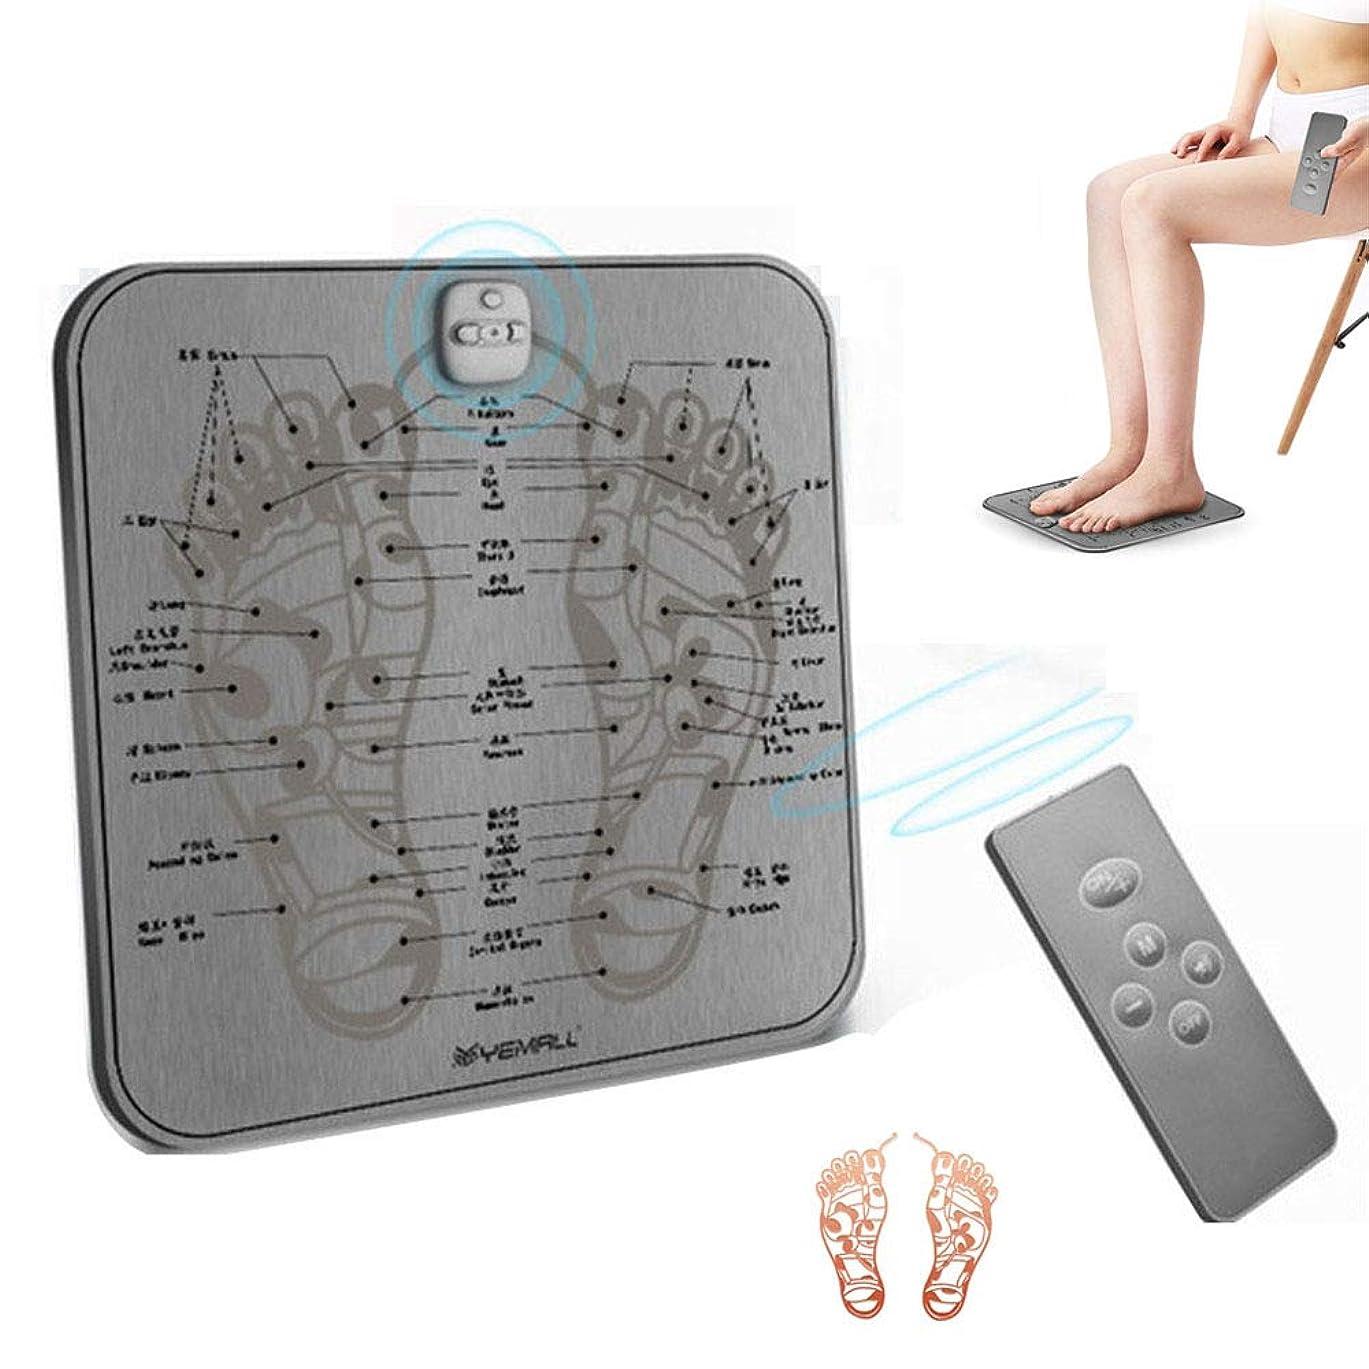 ドキドキコンサートエゴイズムEMSエレクトリックフットマッサージャーのUSB充電式フット筋トレーナー刺激理学療法バイブレータワイヤレス足マッサージ機